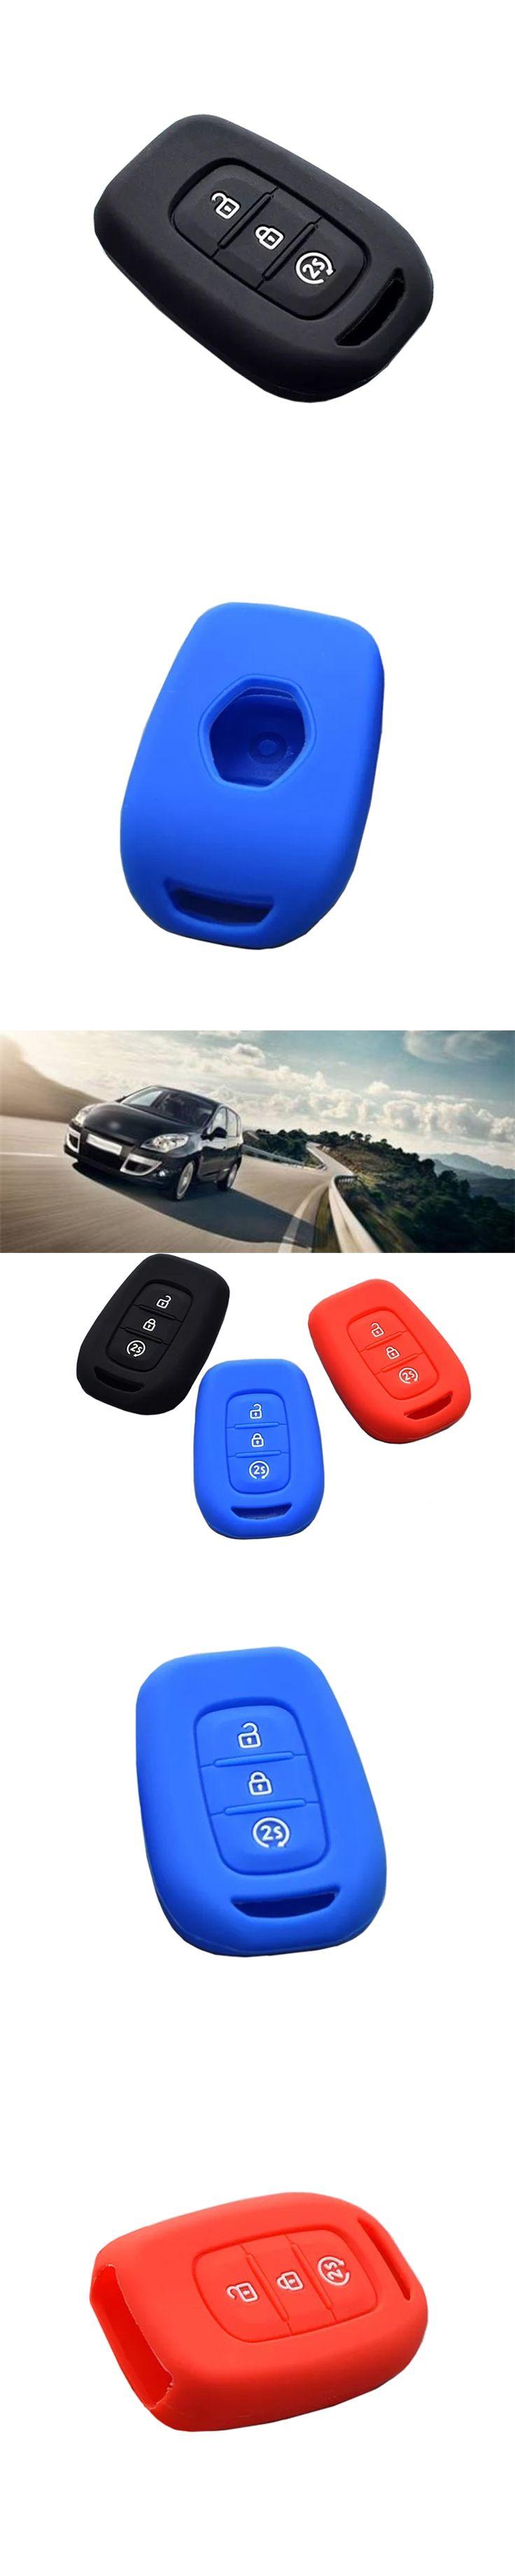 New 3 Button Silicone Remote Key Fob Case Cover Holder For Renault Duster Sandero Logan Clio Captur Laguna Scenic 2015 2016 2017